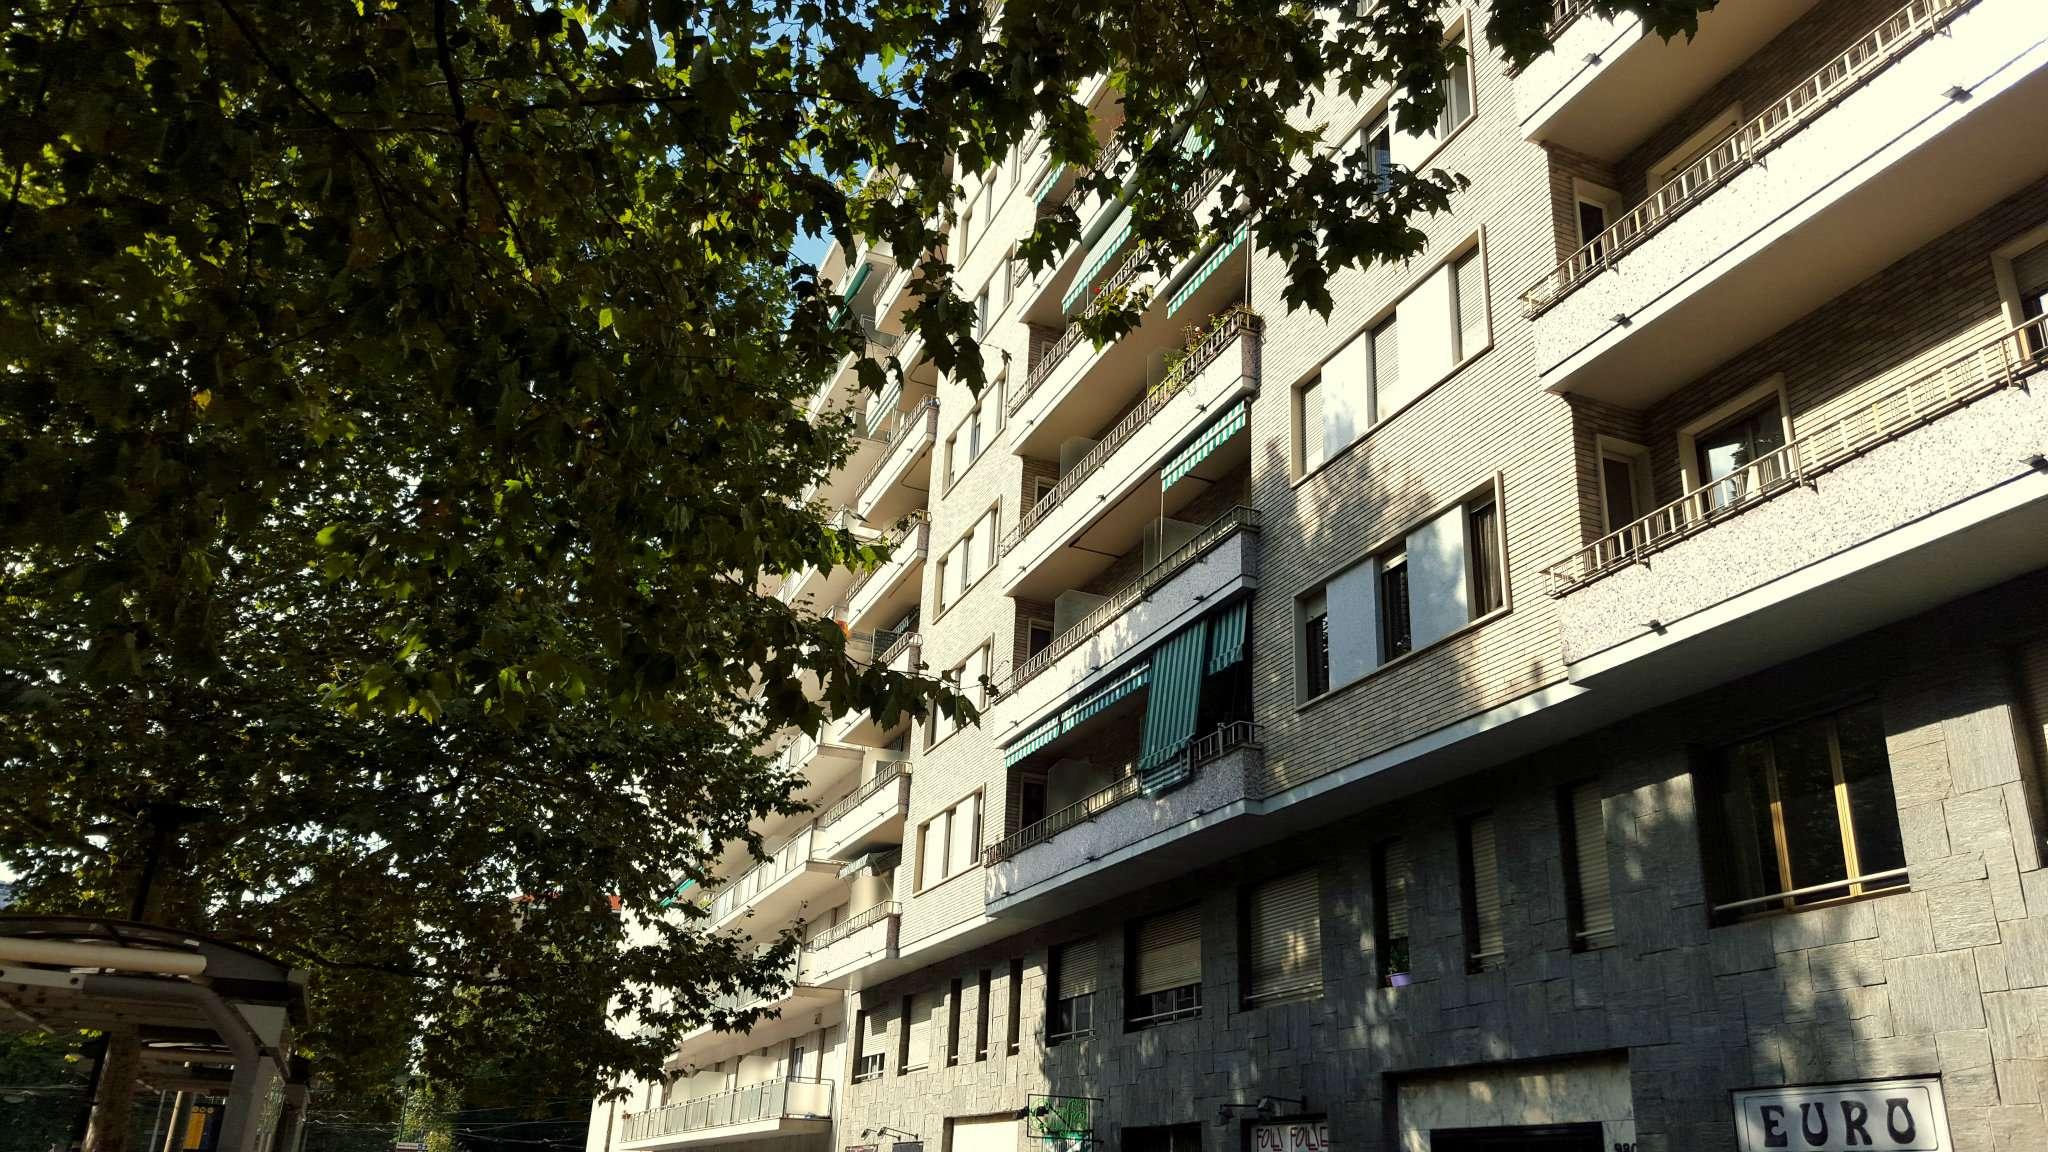 Bilocale torino affitto 400 zona 9 san donato cit for Bilocale arredato affitto torino